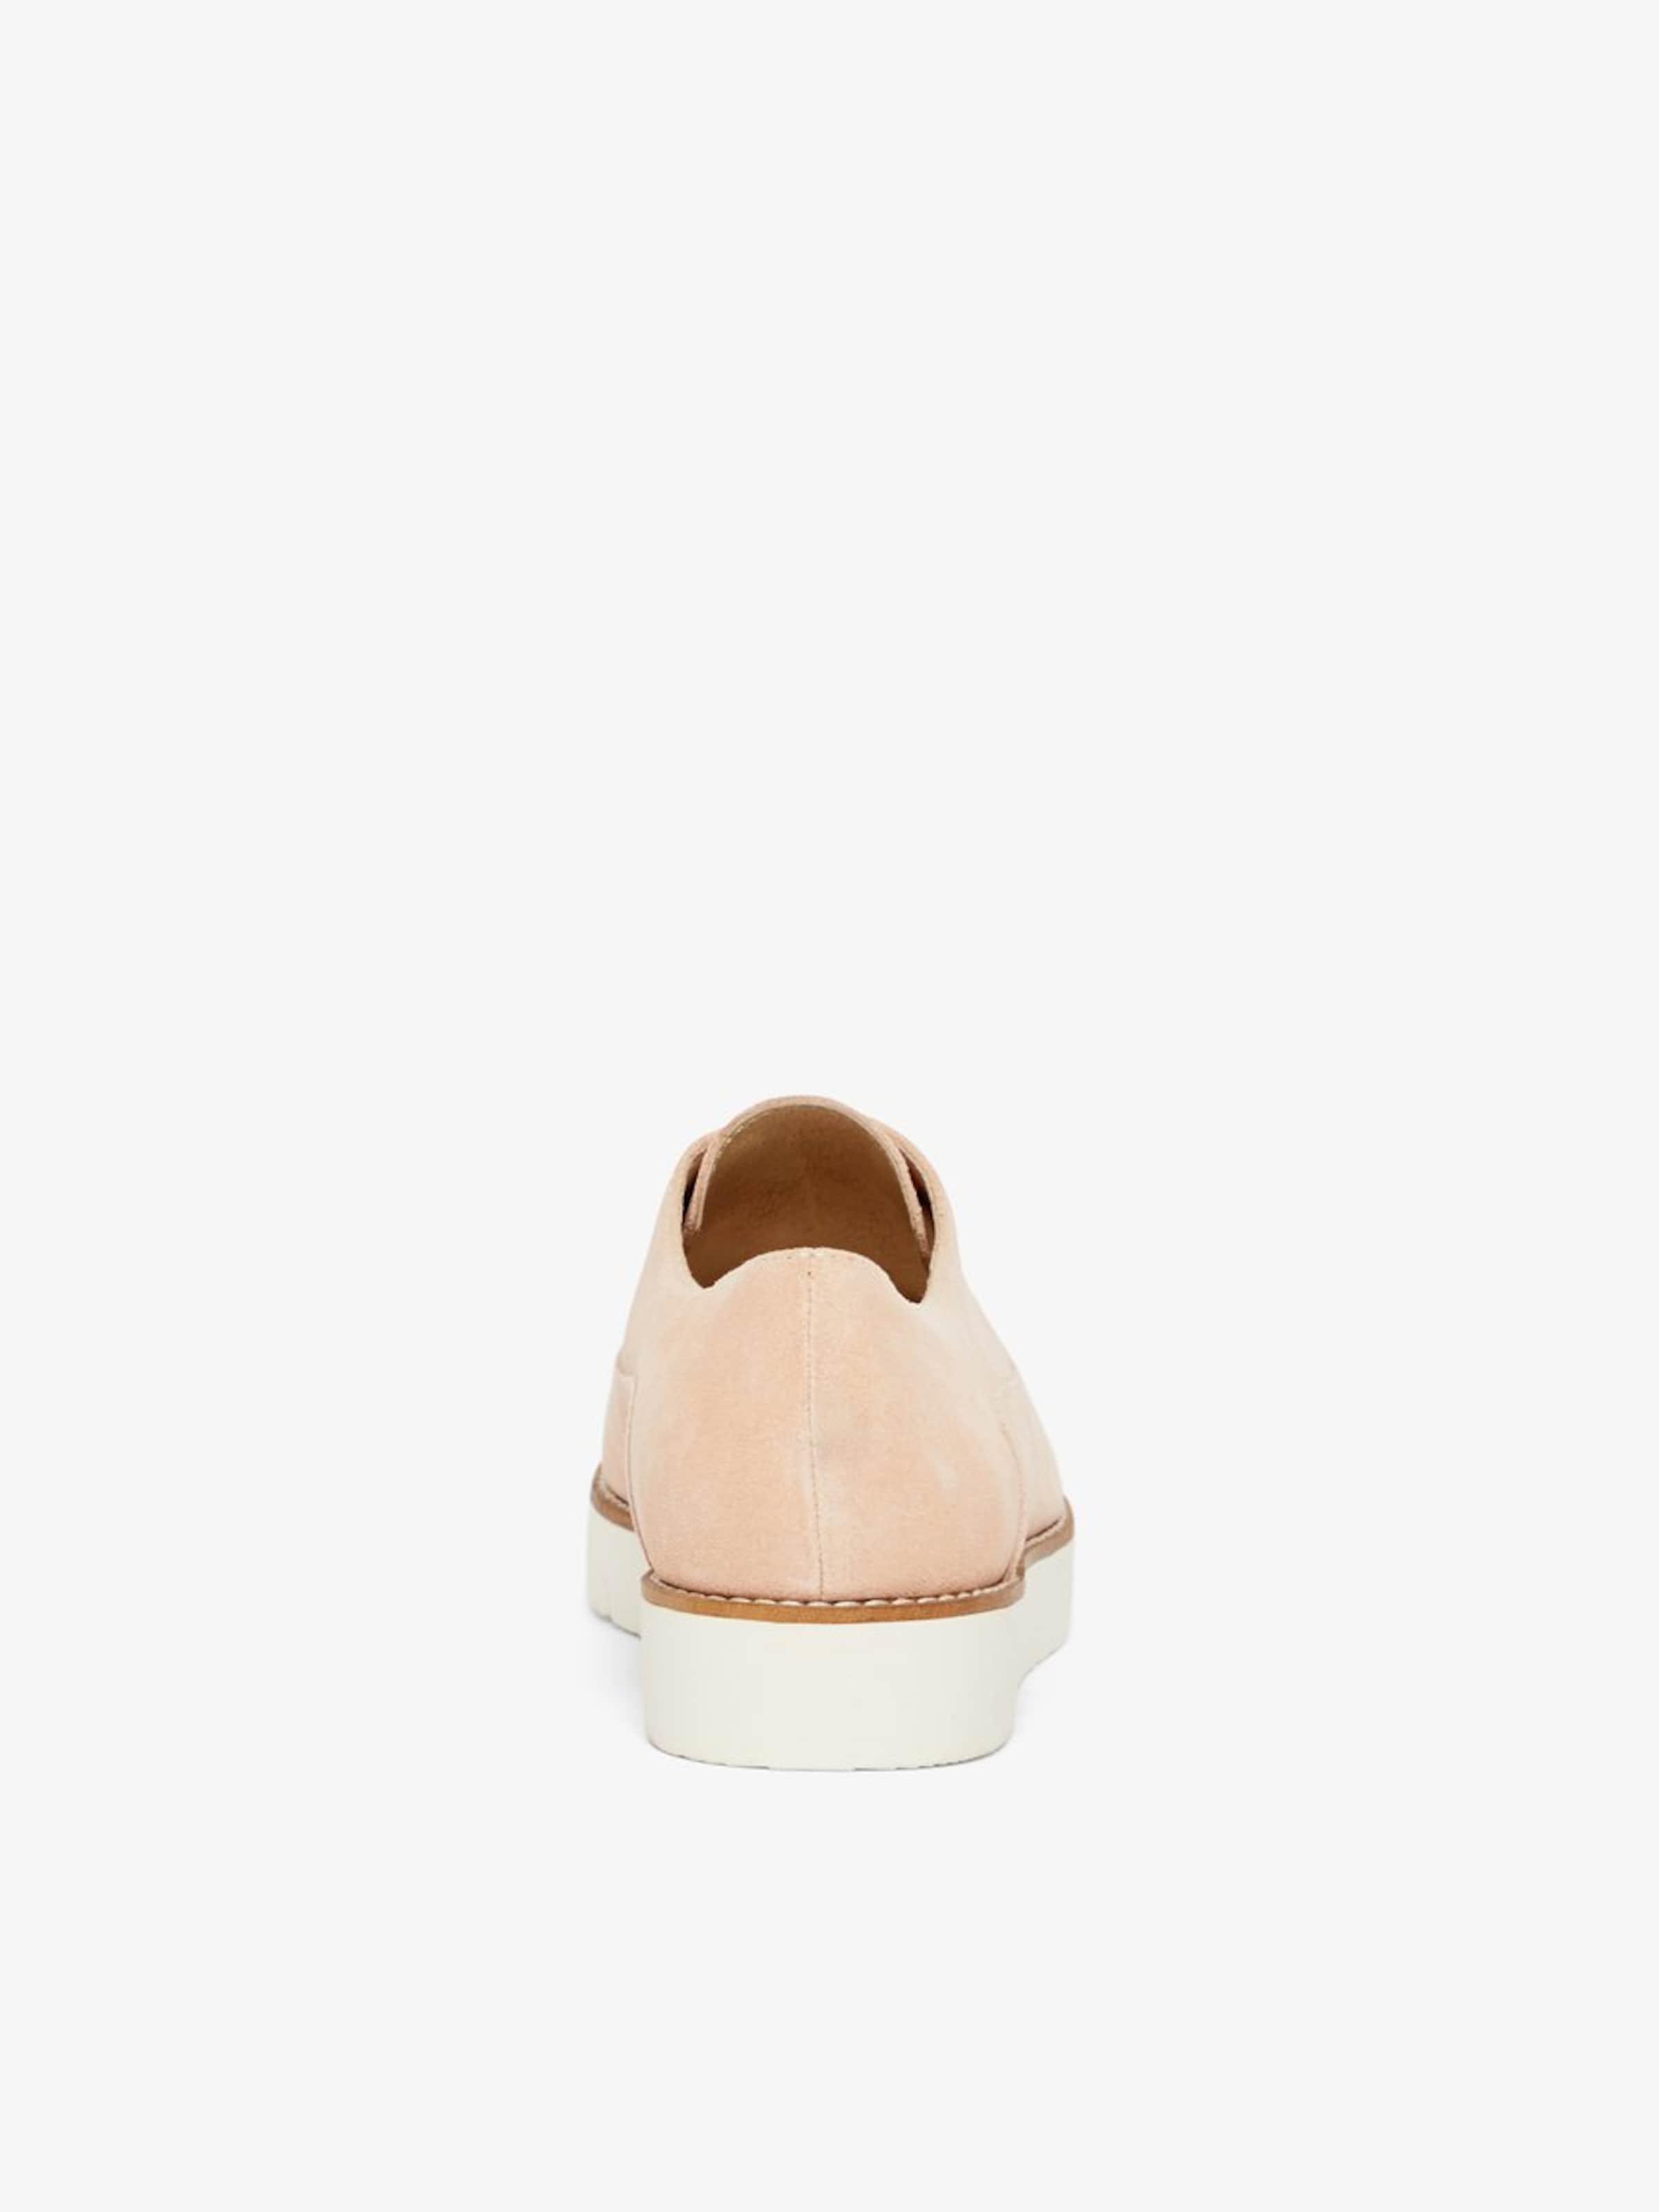 Bianco In Bianco Bianco Schuhe In Schuhe Puder Puder Schuhe Puder In Schuhe Bianco k0NwP8nOX